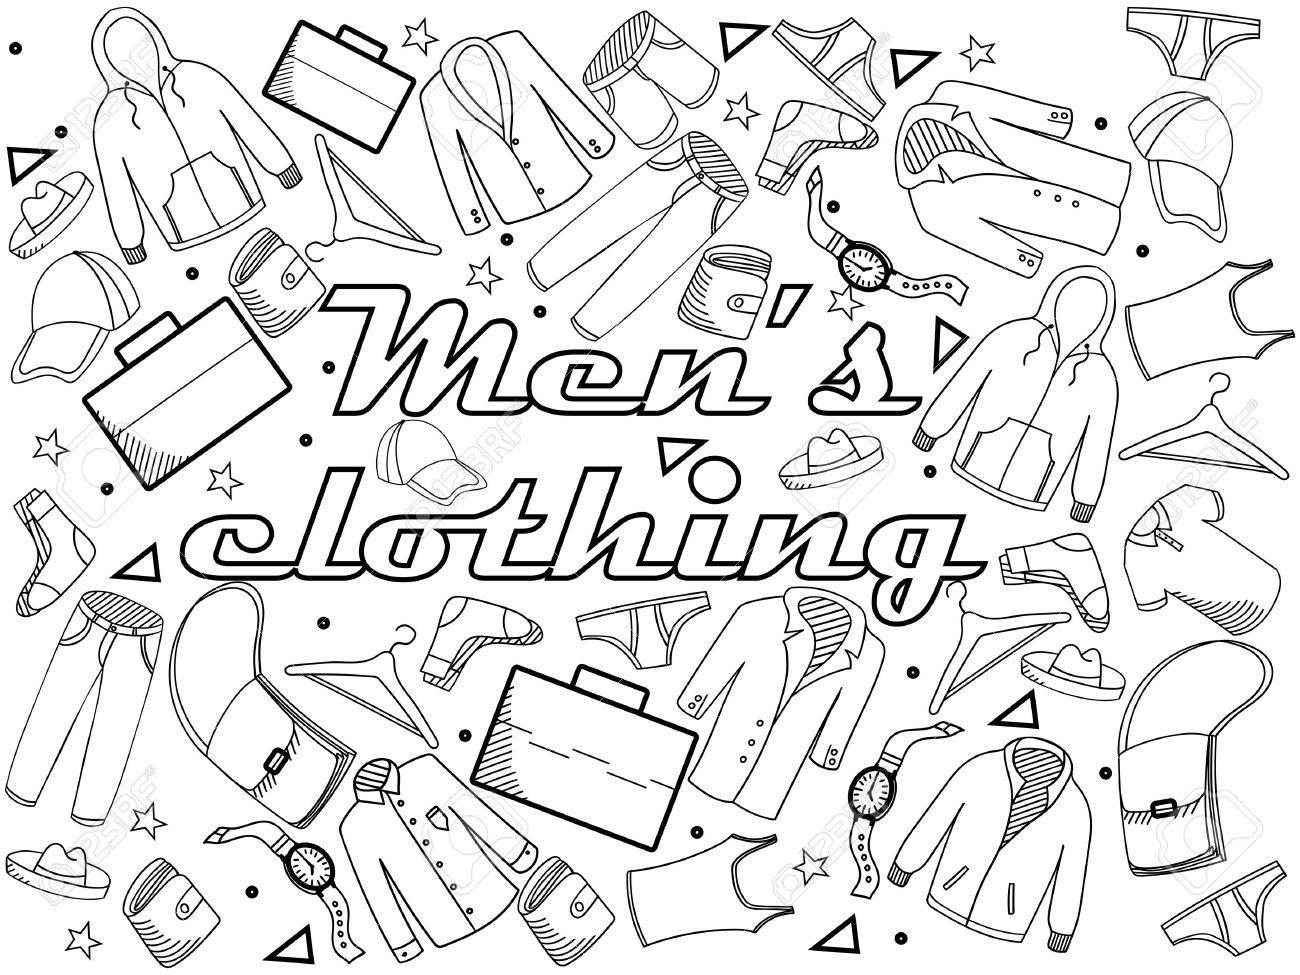 Hombres Ilustración Línea Libro De Arte De Diseño Vectorial Para Colorear La Ropa Objetos Separados Dibujado A Mano Elementos De Diseño Del Doodle